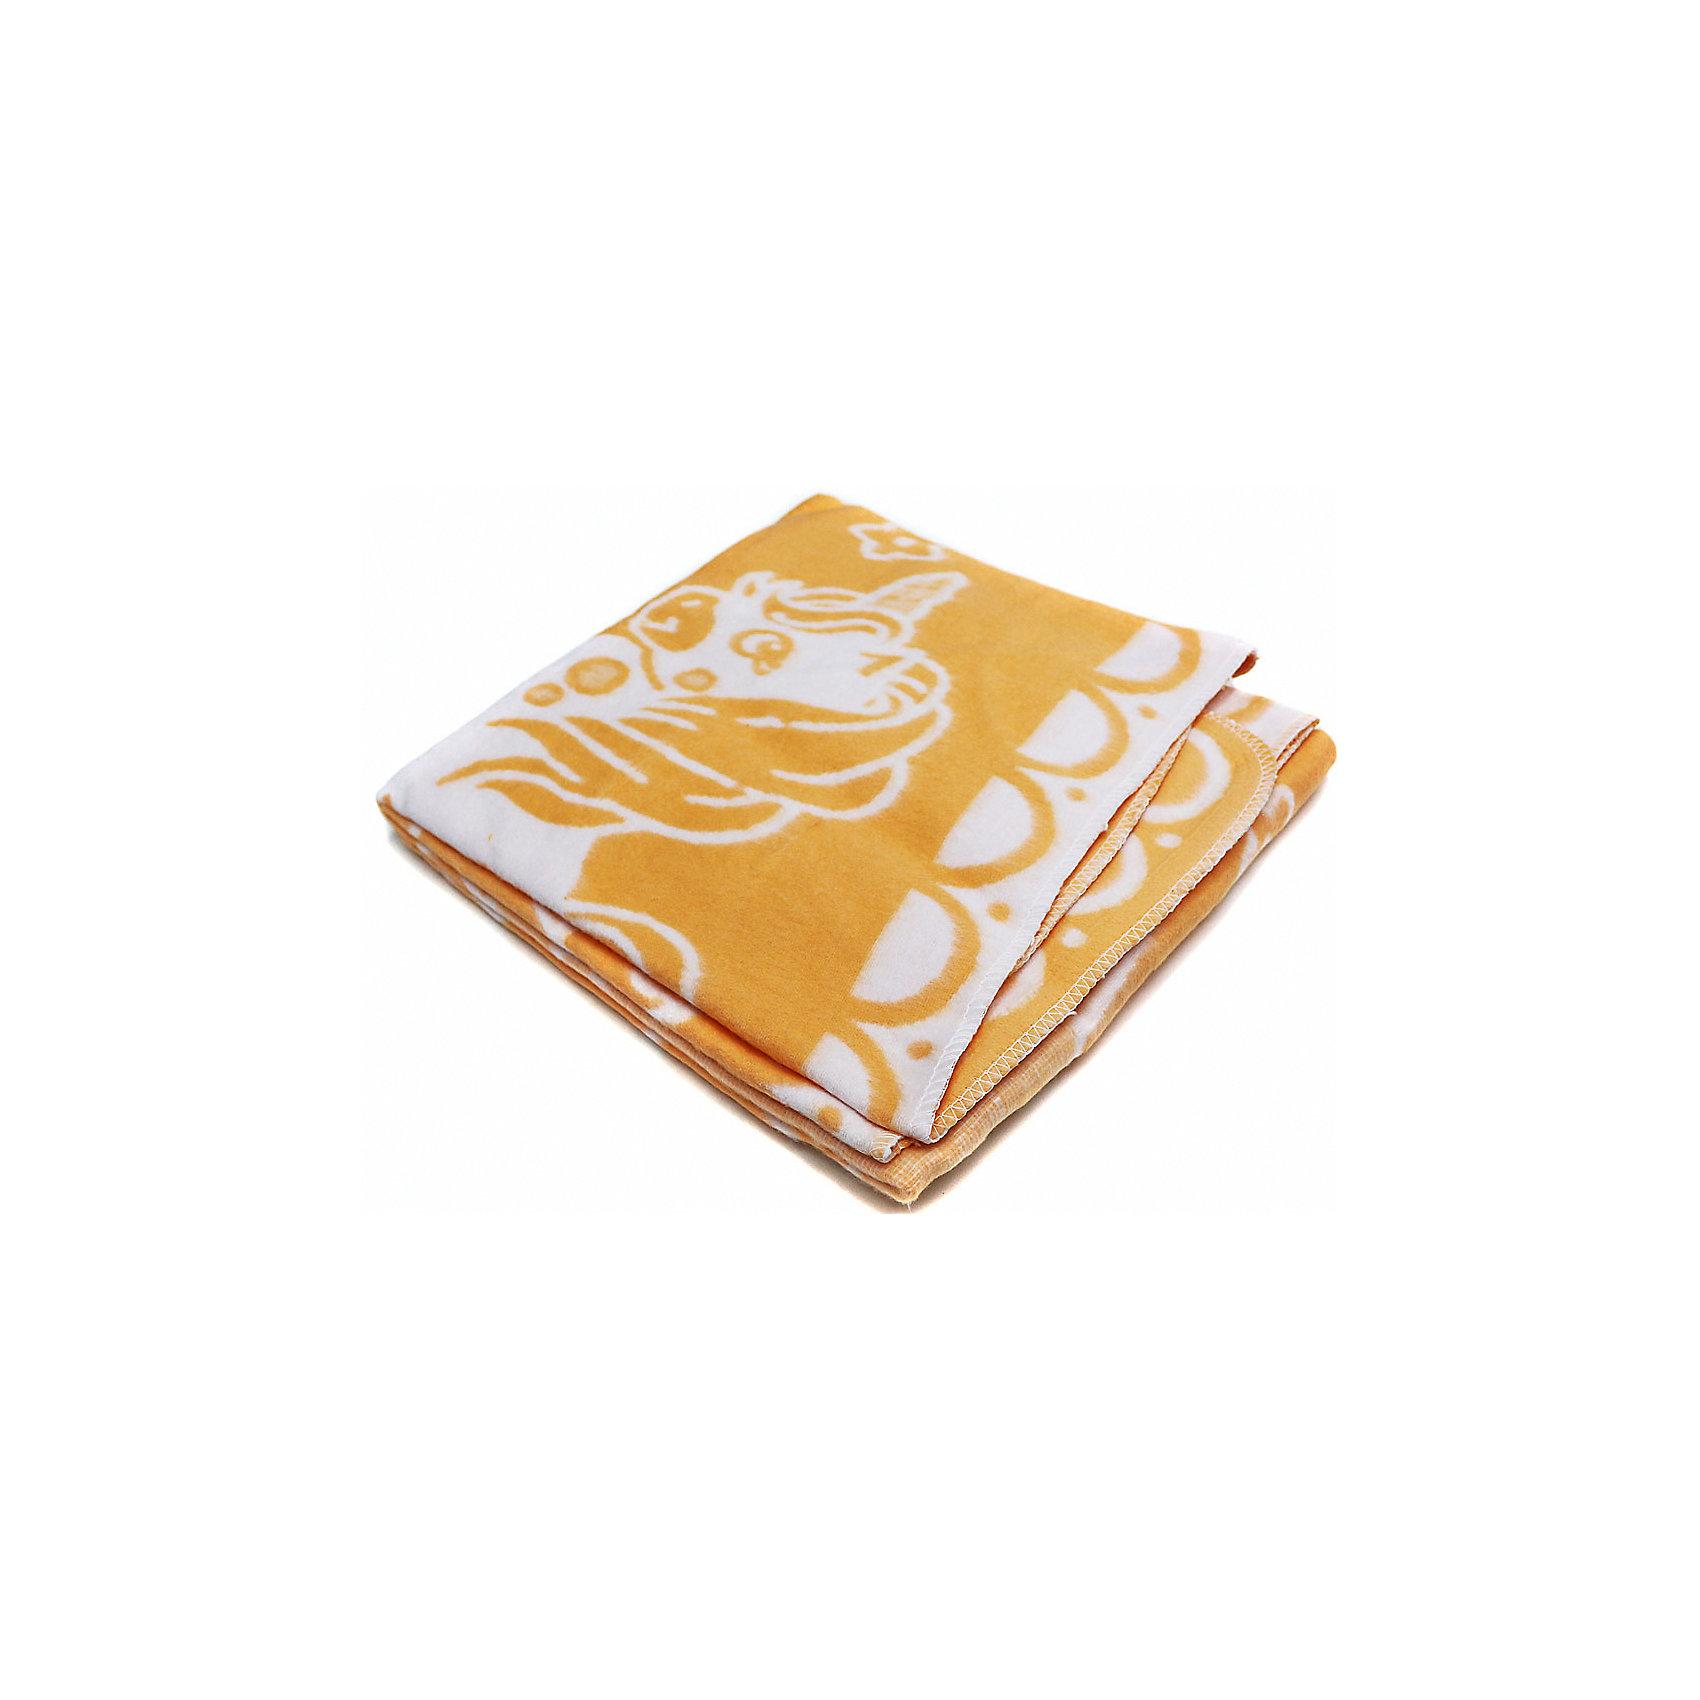 Байковое одеяло х/б 140х100 см., Топотушки, жёлтыйОдеяла, пледы<br>Байковое одеяло х/б 140х100 см., Топотушки, желтый<br><br>Характеристики:<br><br>-Размер: 140х100 см<br>-Цвет: желтый<br>-Материал: хлопчатобумажная ткань<br><br>Байковое одеяло х/б 140х100 см., Топотушки, выполнено из 100% хлопка, поэтому не вызовет аллергическую реакцию у вашего ребёнка. Оно очень пригодиться в повседневной жизни. Благодаря большому размеру, его можно использовать для пеленания ребёнка или использовать, как покрывало. Оно мягкое и приятное на ощупь, поэтому сделает сон вашего ребёнка еще комфортнее. <br><br>Байковое одеяло х/б 140х100 см., Топотушки, желтый можно приобрести в нашем интернет-магазине.<br><br>Ширина мм: 360<br>Глубина мм: 360<br>Высота мм: 30<br>Вес г: 580<br>Возраст от месяцев: 0<br>Возраст до месяцев: 36<br>Пол: Унисекс<br>Возраст: Детский<br>SKU: 5086345